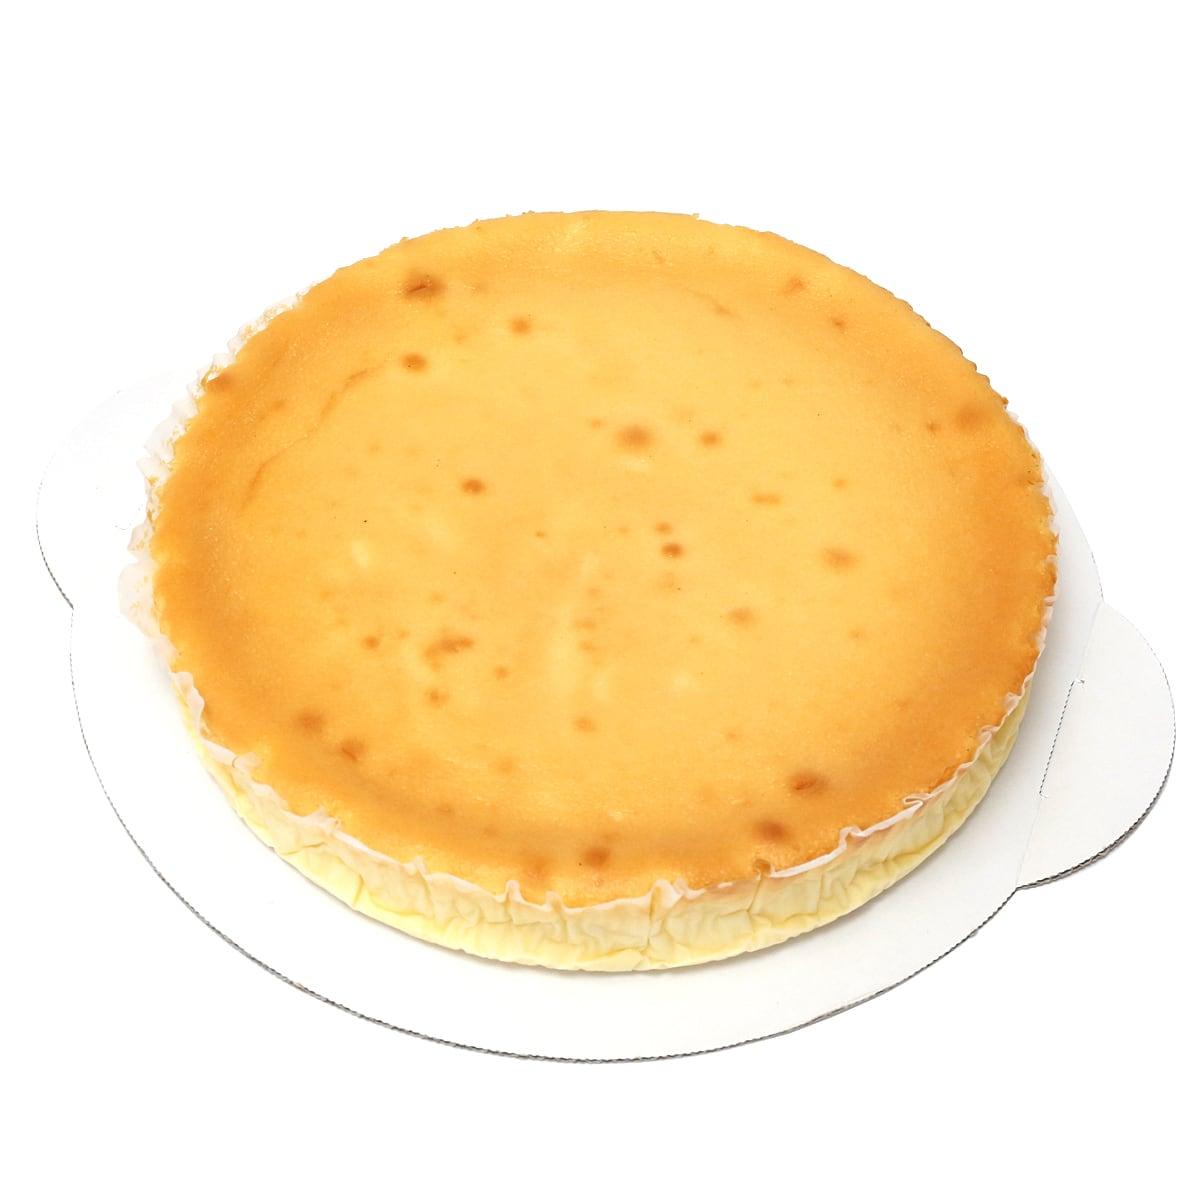 スフレチーズケーキ 開封中身